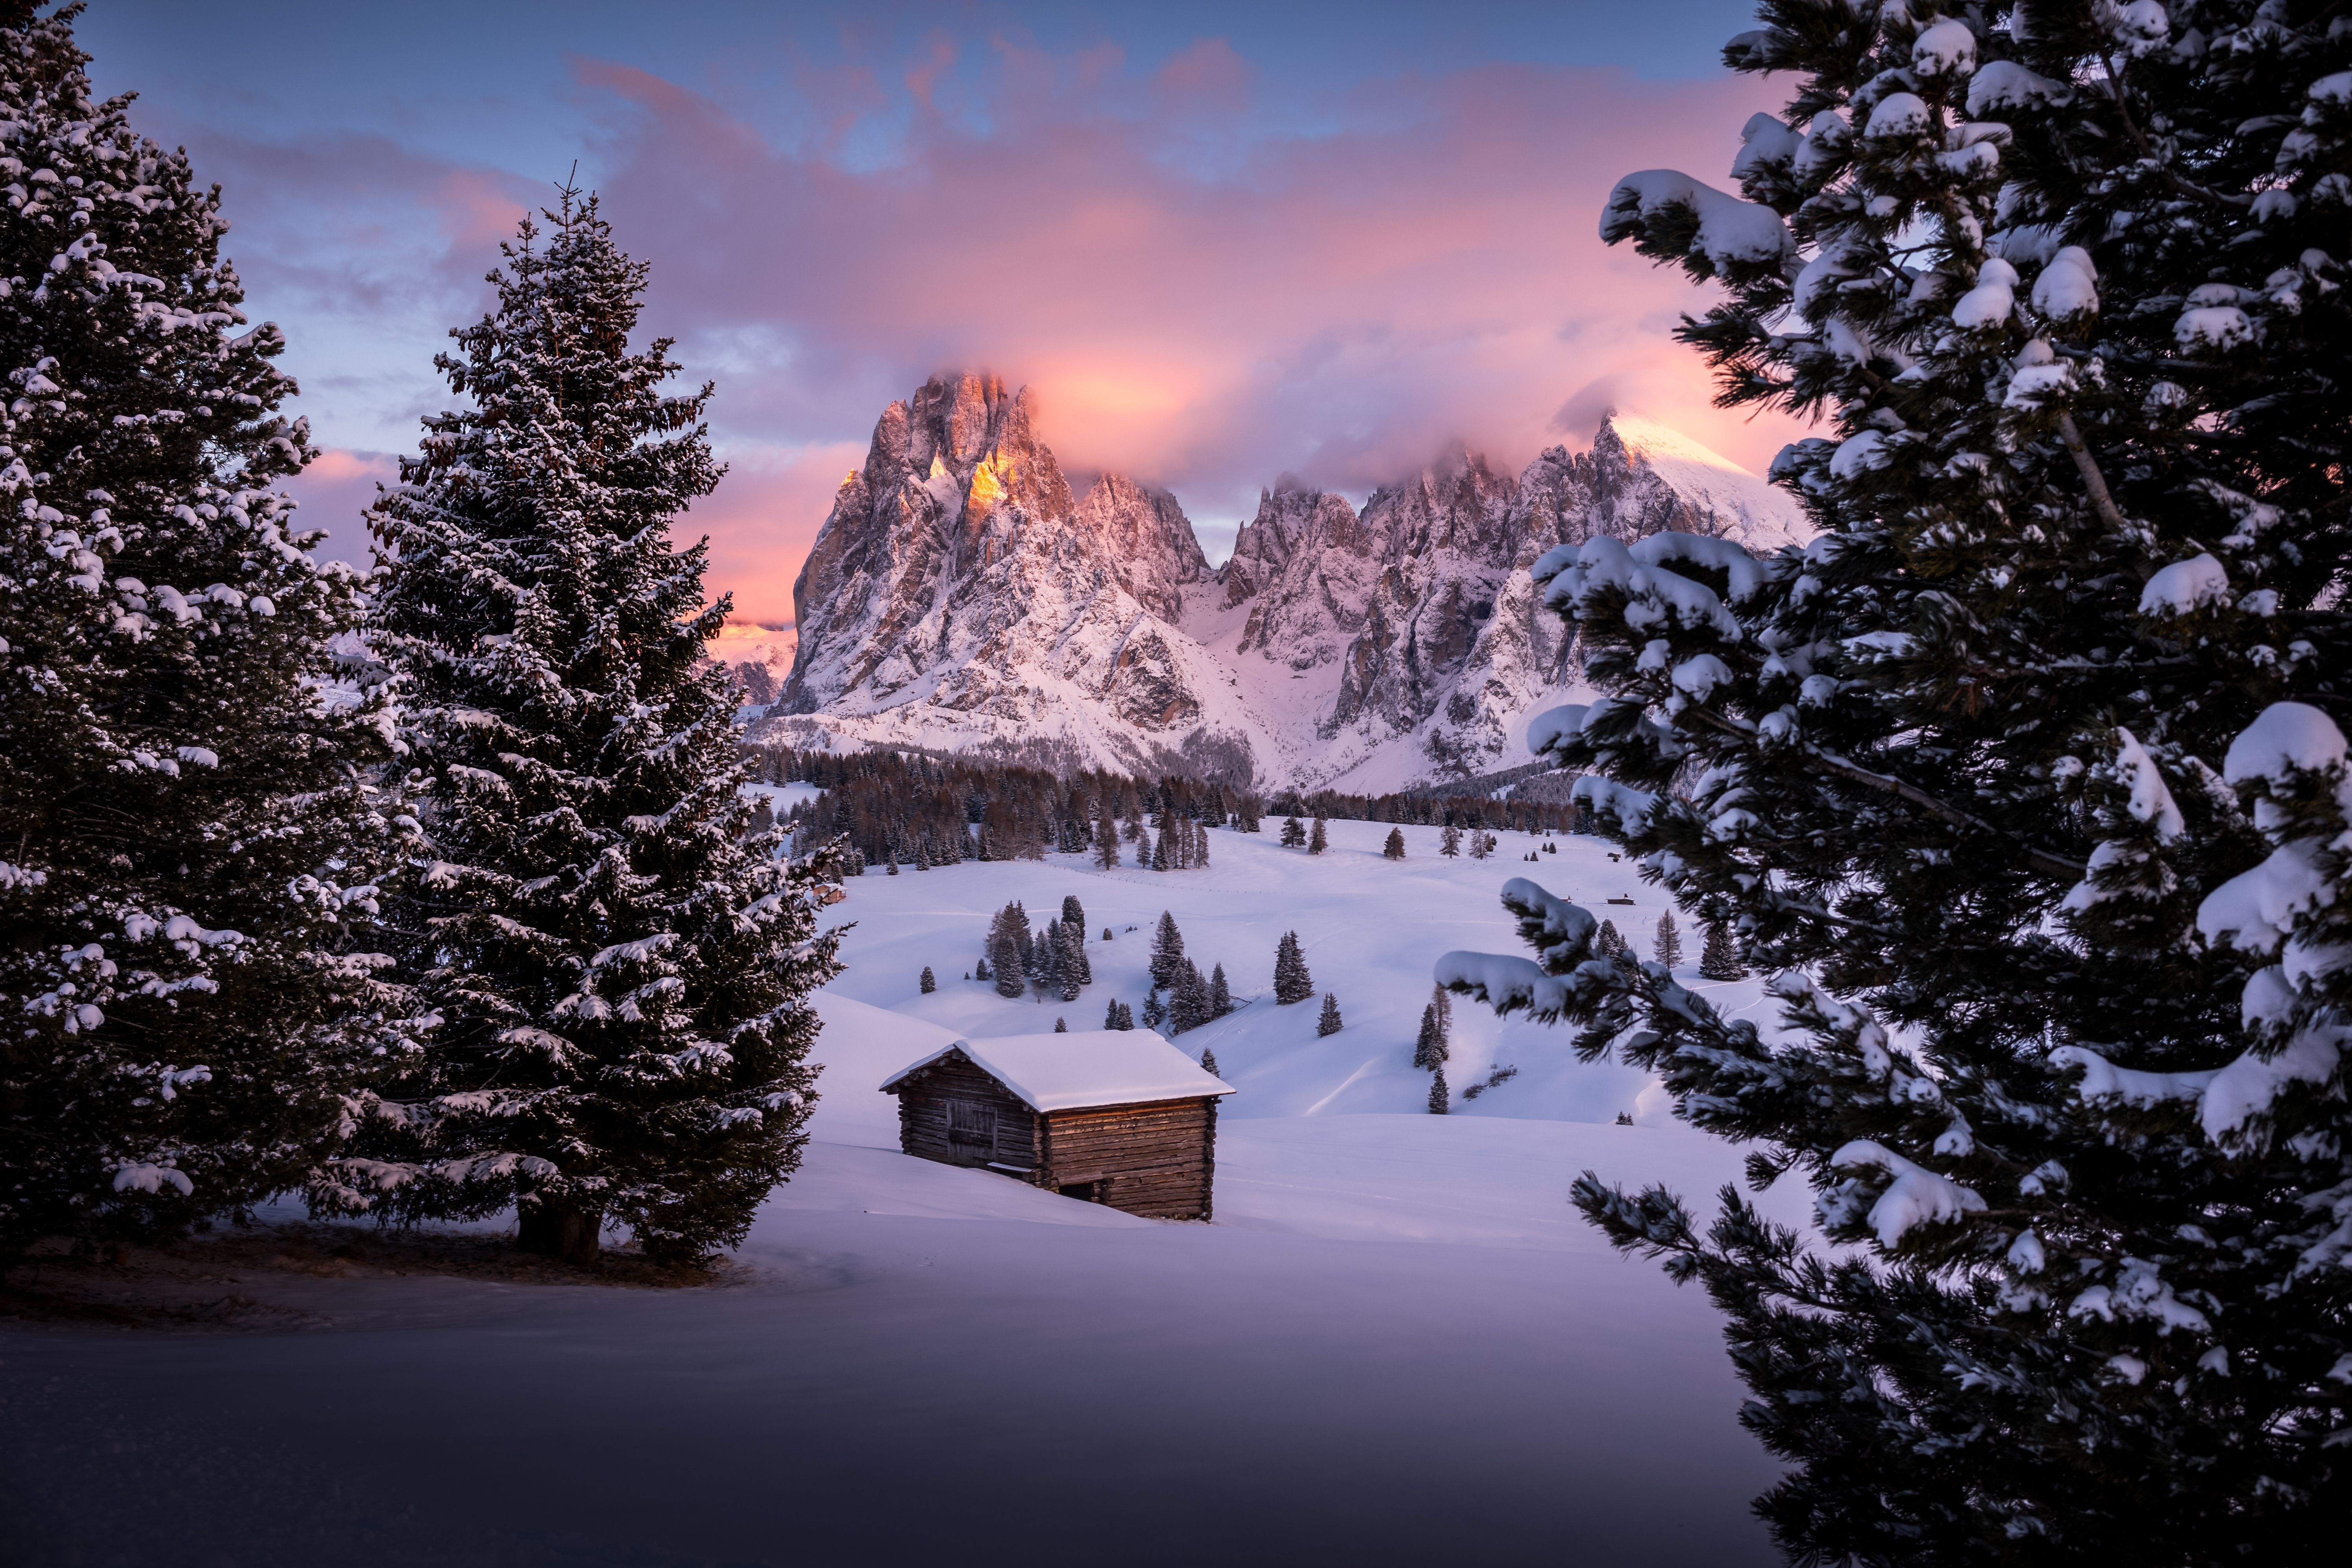 обои Сейзер Альм, Южный Тироль, Доломиты, Италия картинки фото